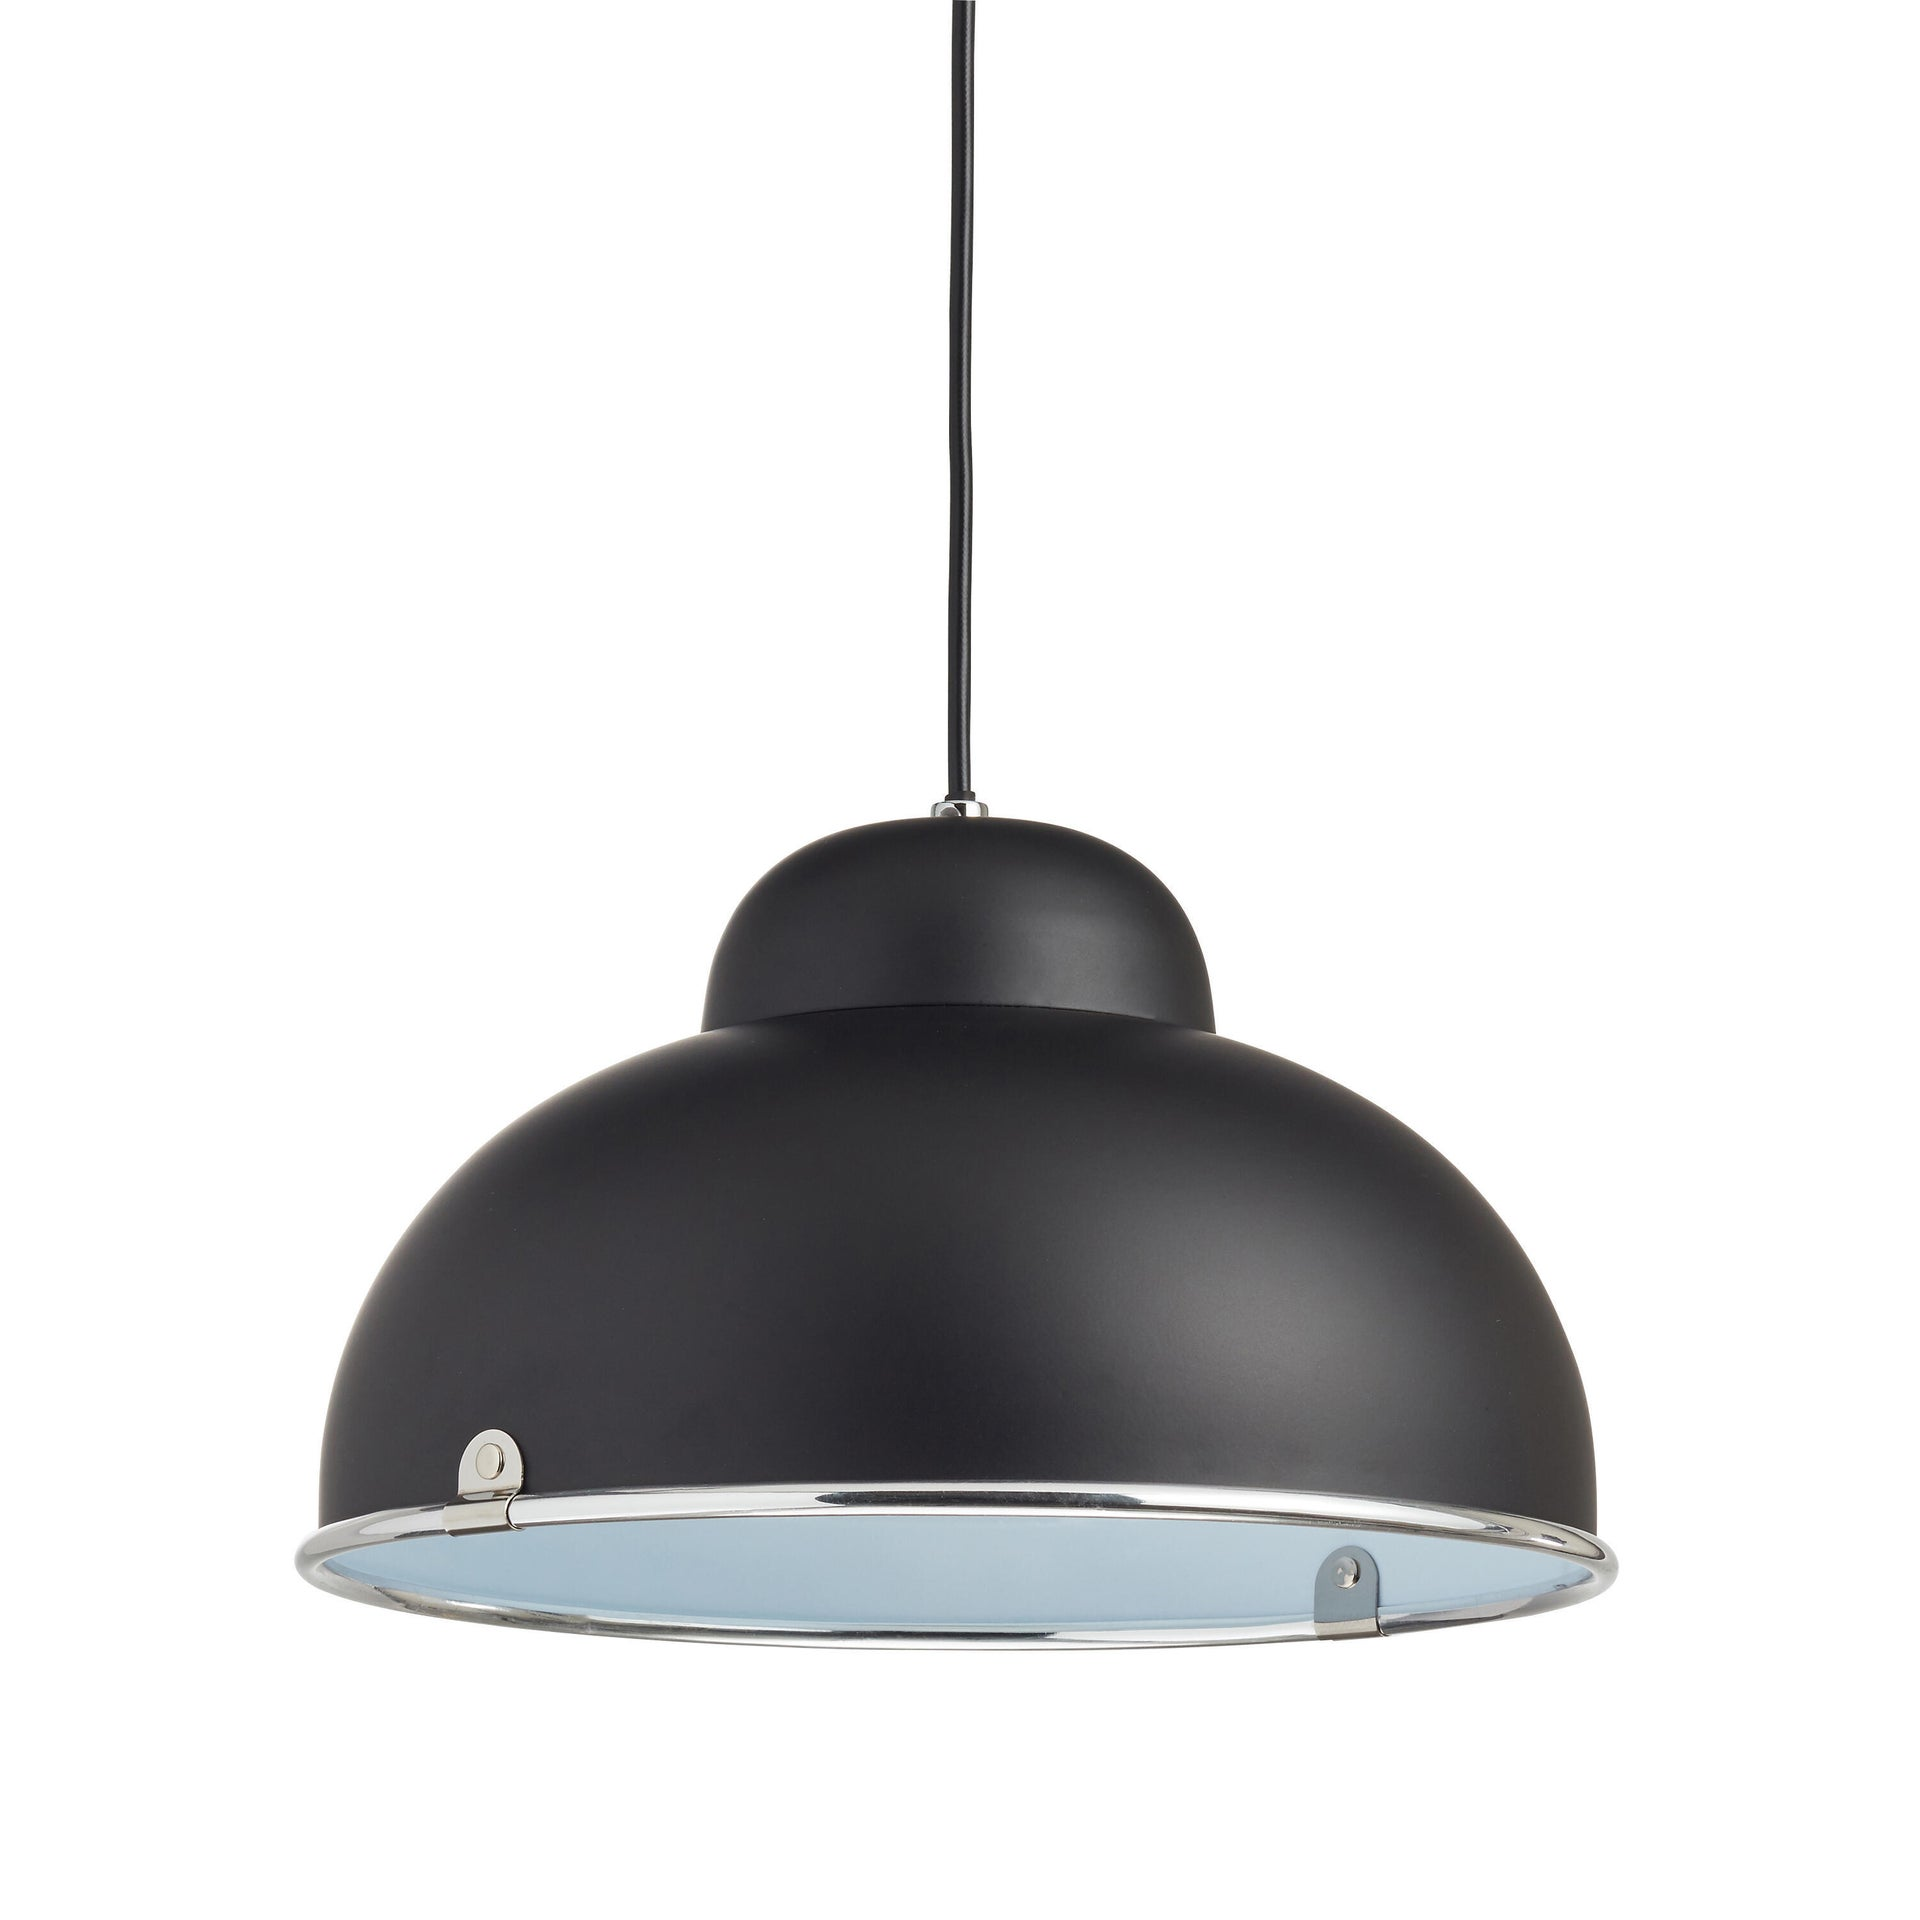 Lampadario Industriale Farell nero in metallo, D. 31 cm, INSPIRE - 3